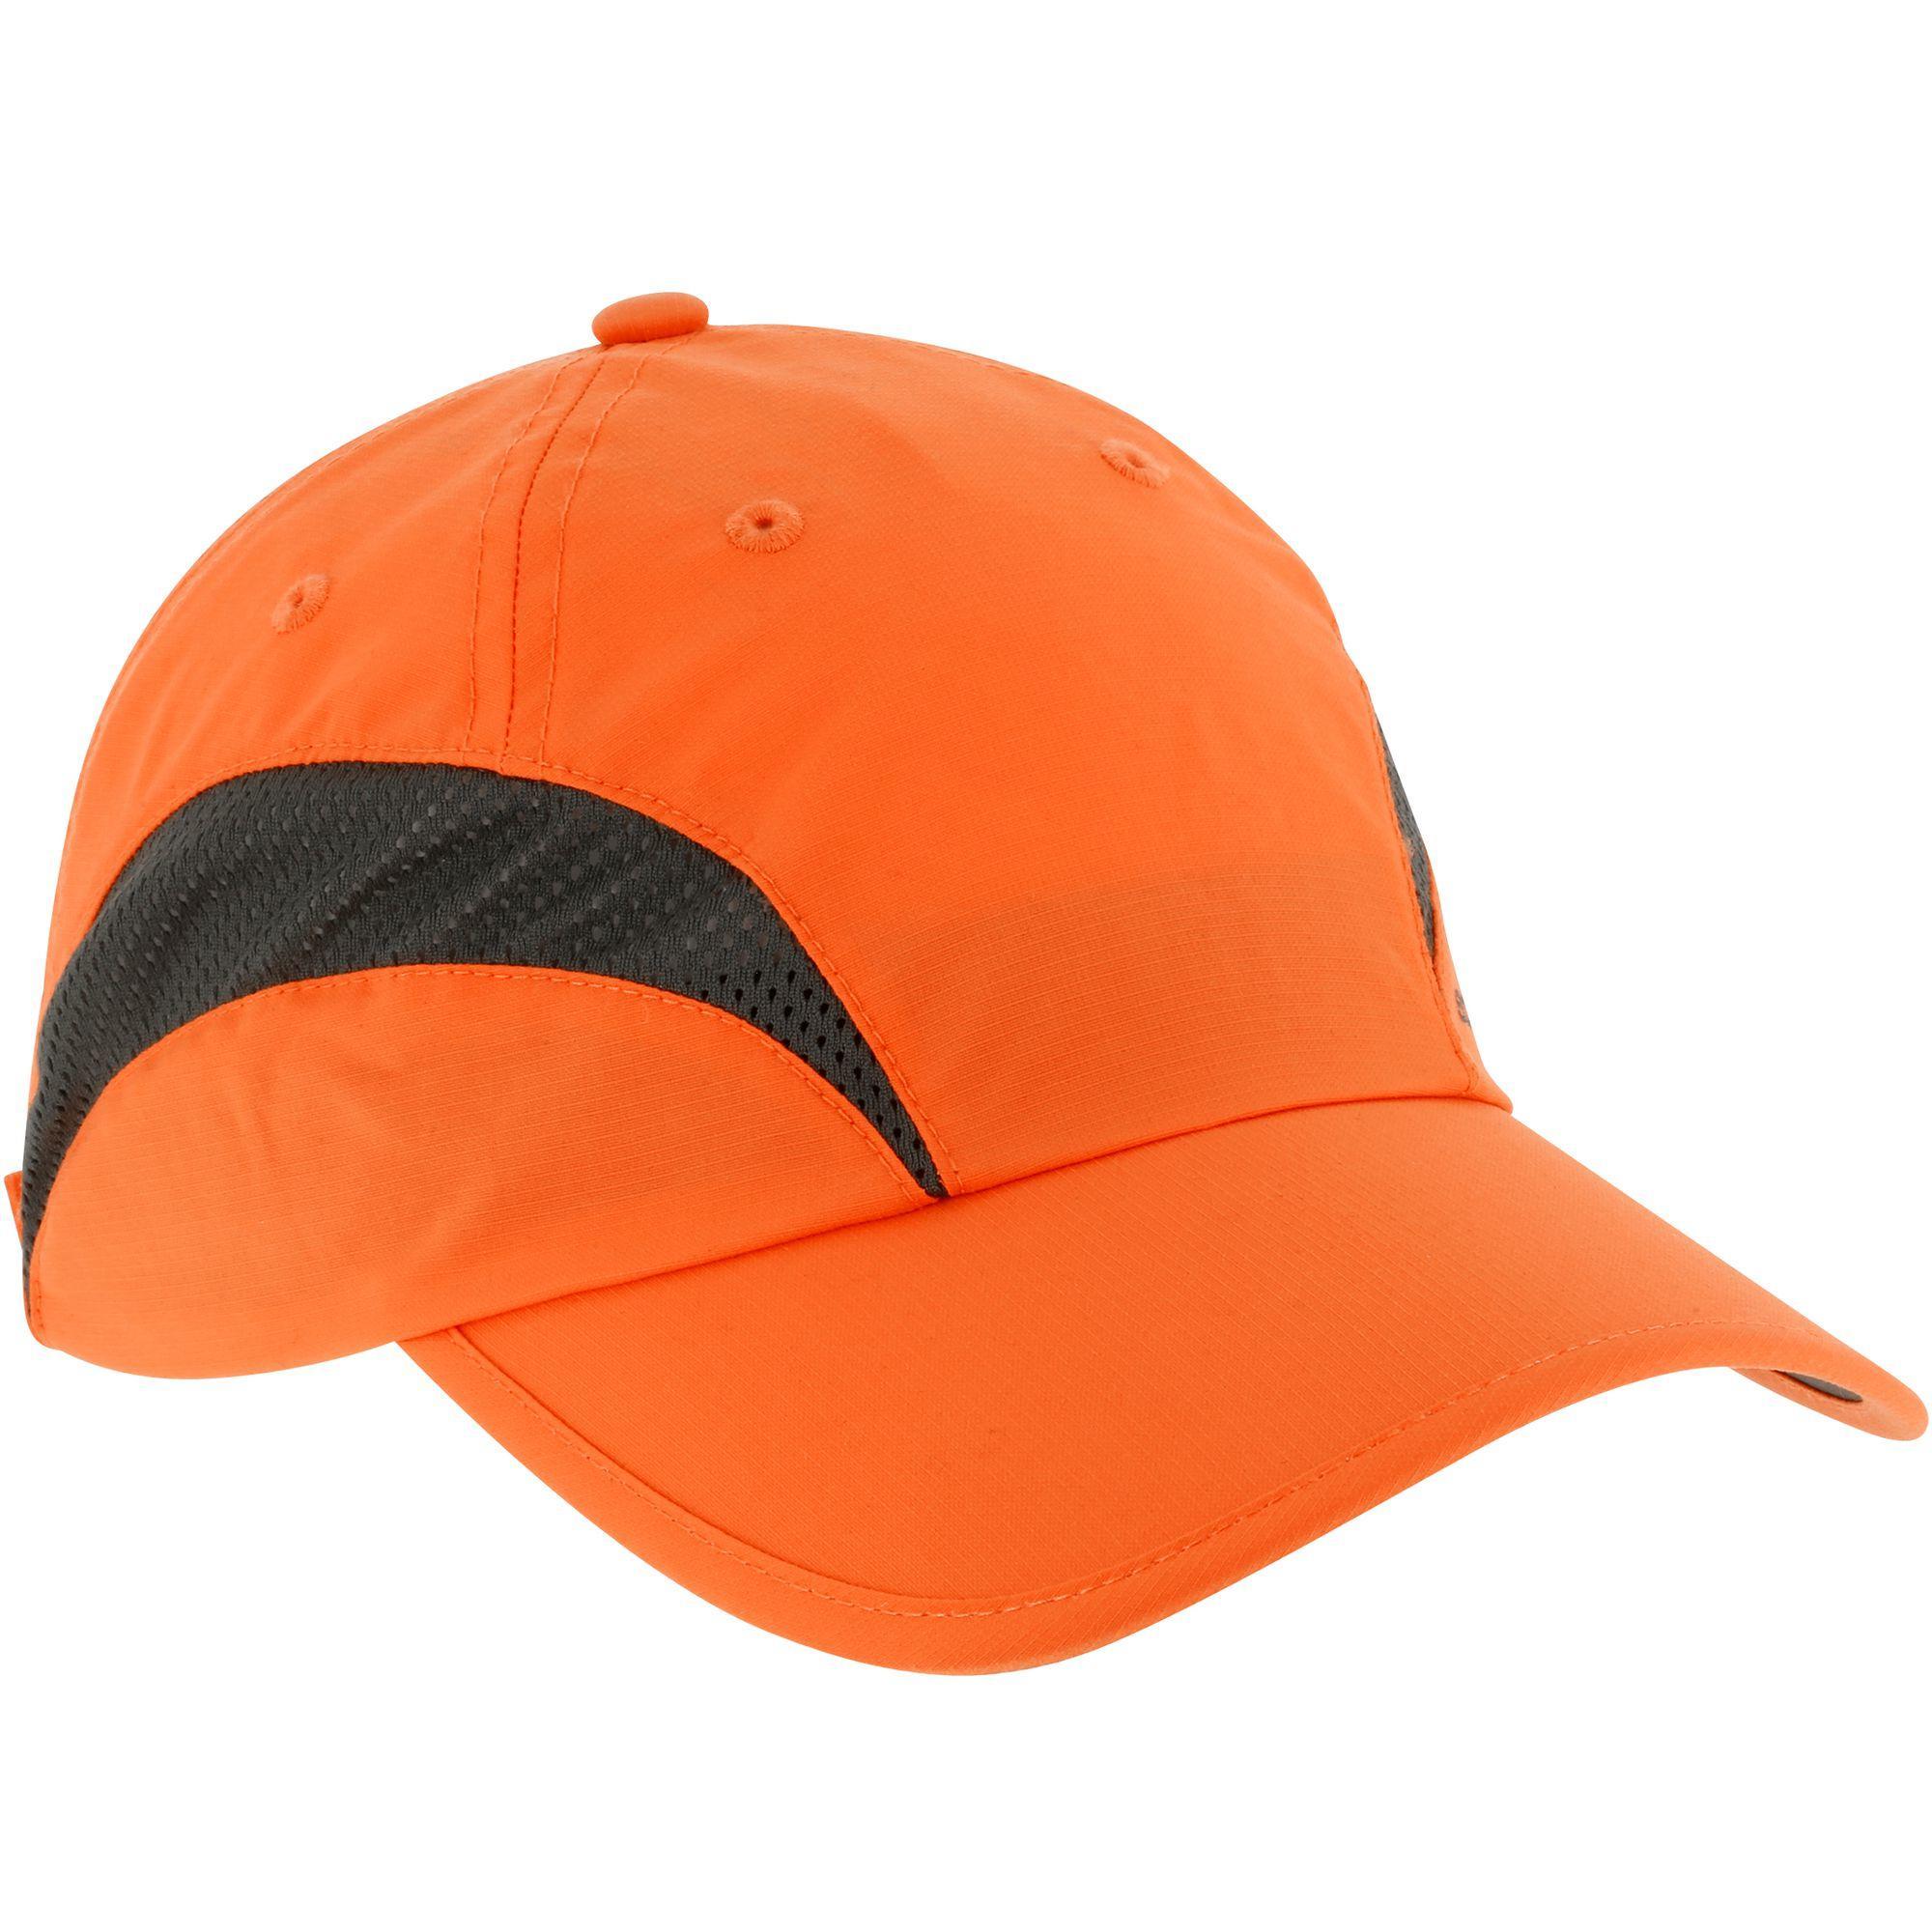 Şapcă vânătoare Light